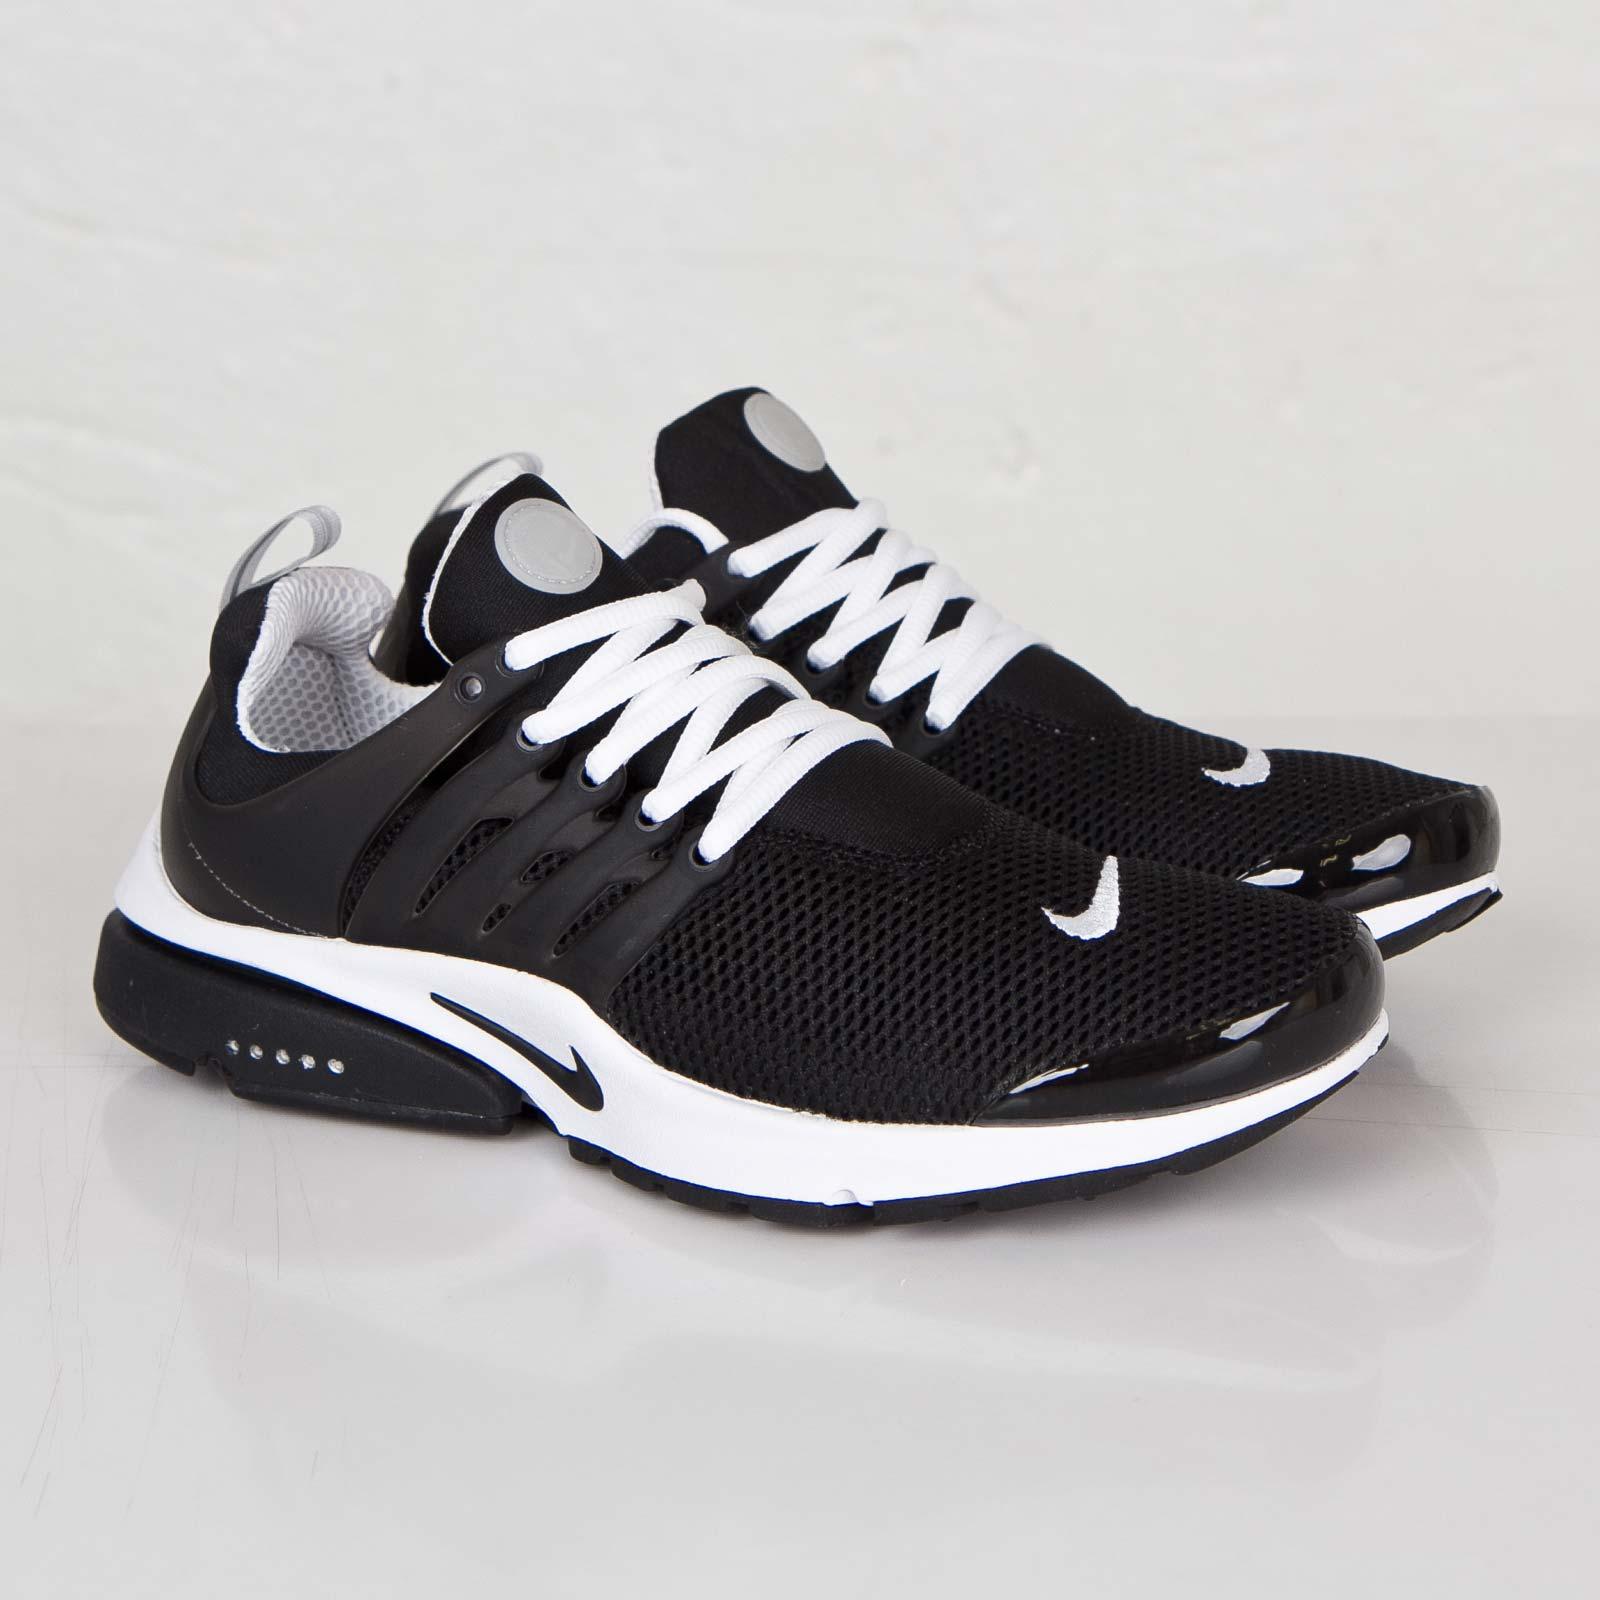 Nike Air Presto Br QS - 789869-001